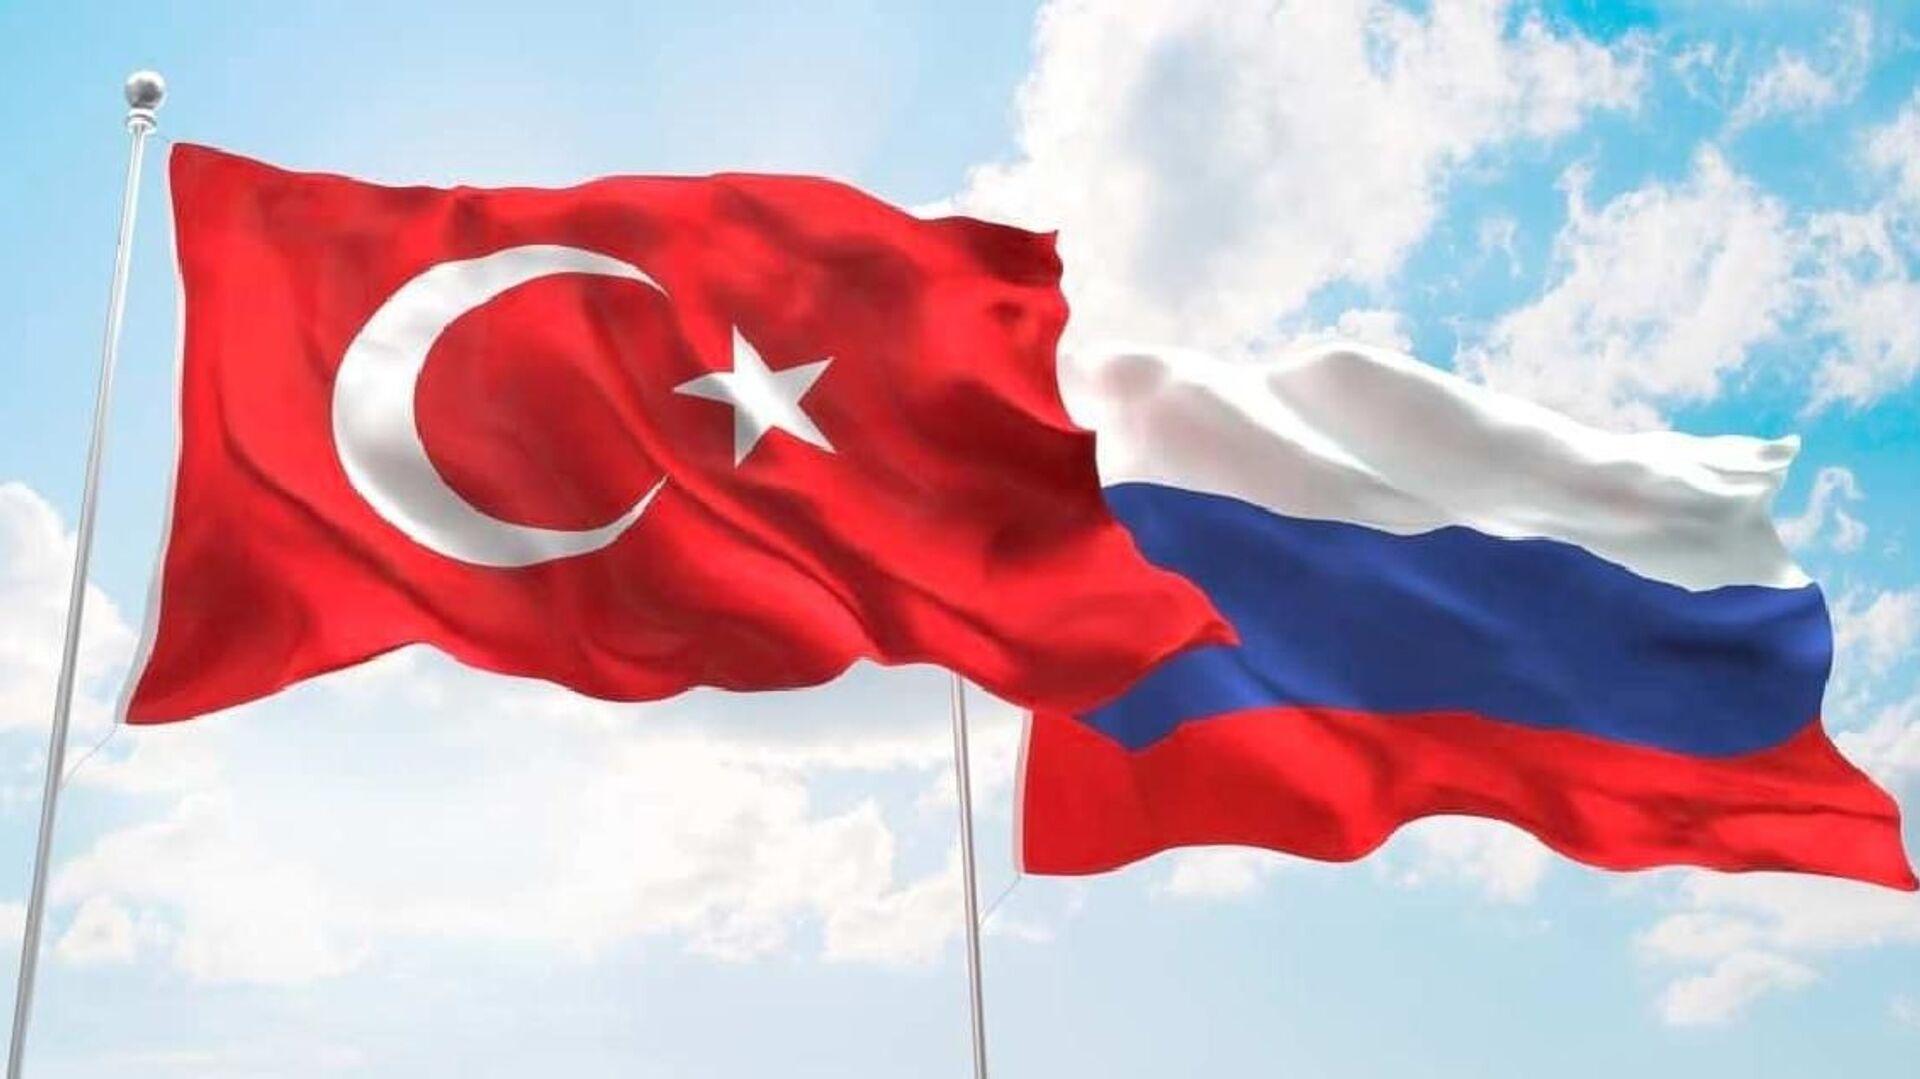 Rusya Türkiye bayrakları - Sputnik Türkiye, 1920, 30.07.2021